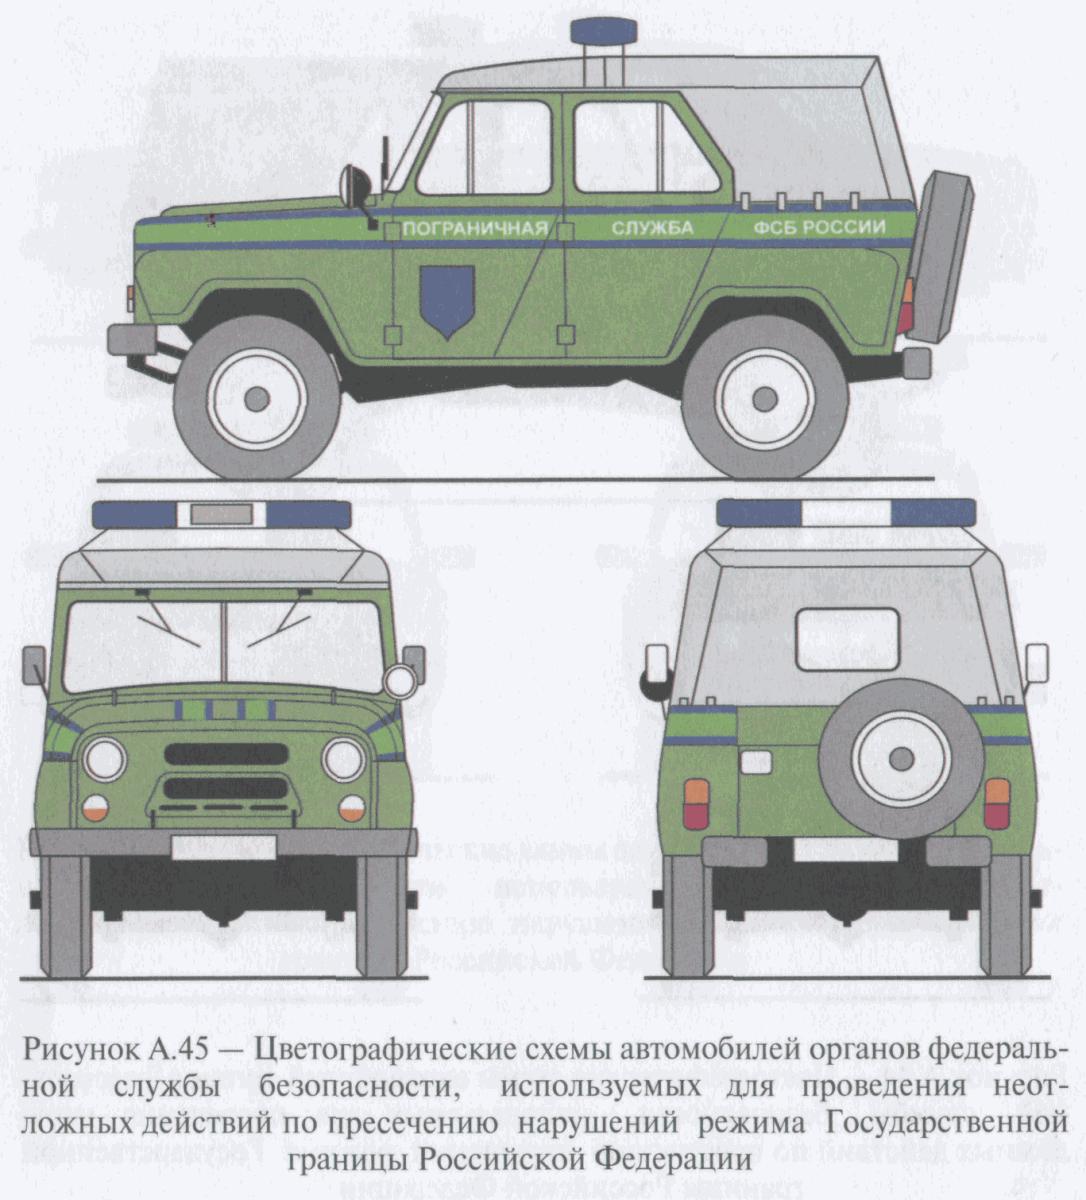 РИСУНОК A.45 (К ИЗМЕНЕНИЮ N 2 ГОСТ Р 50574-2002)